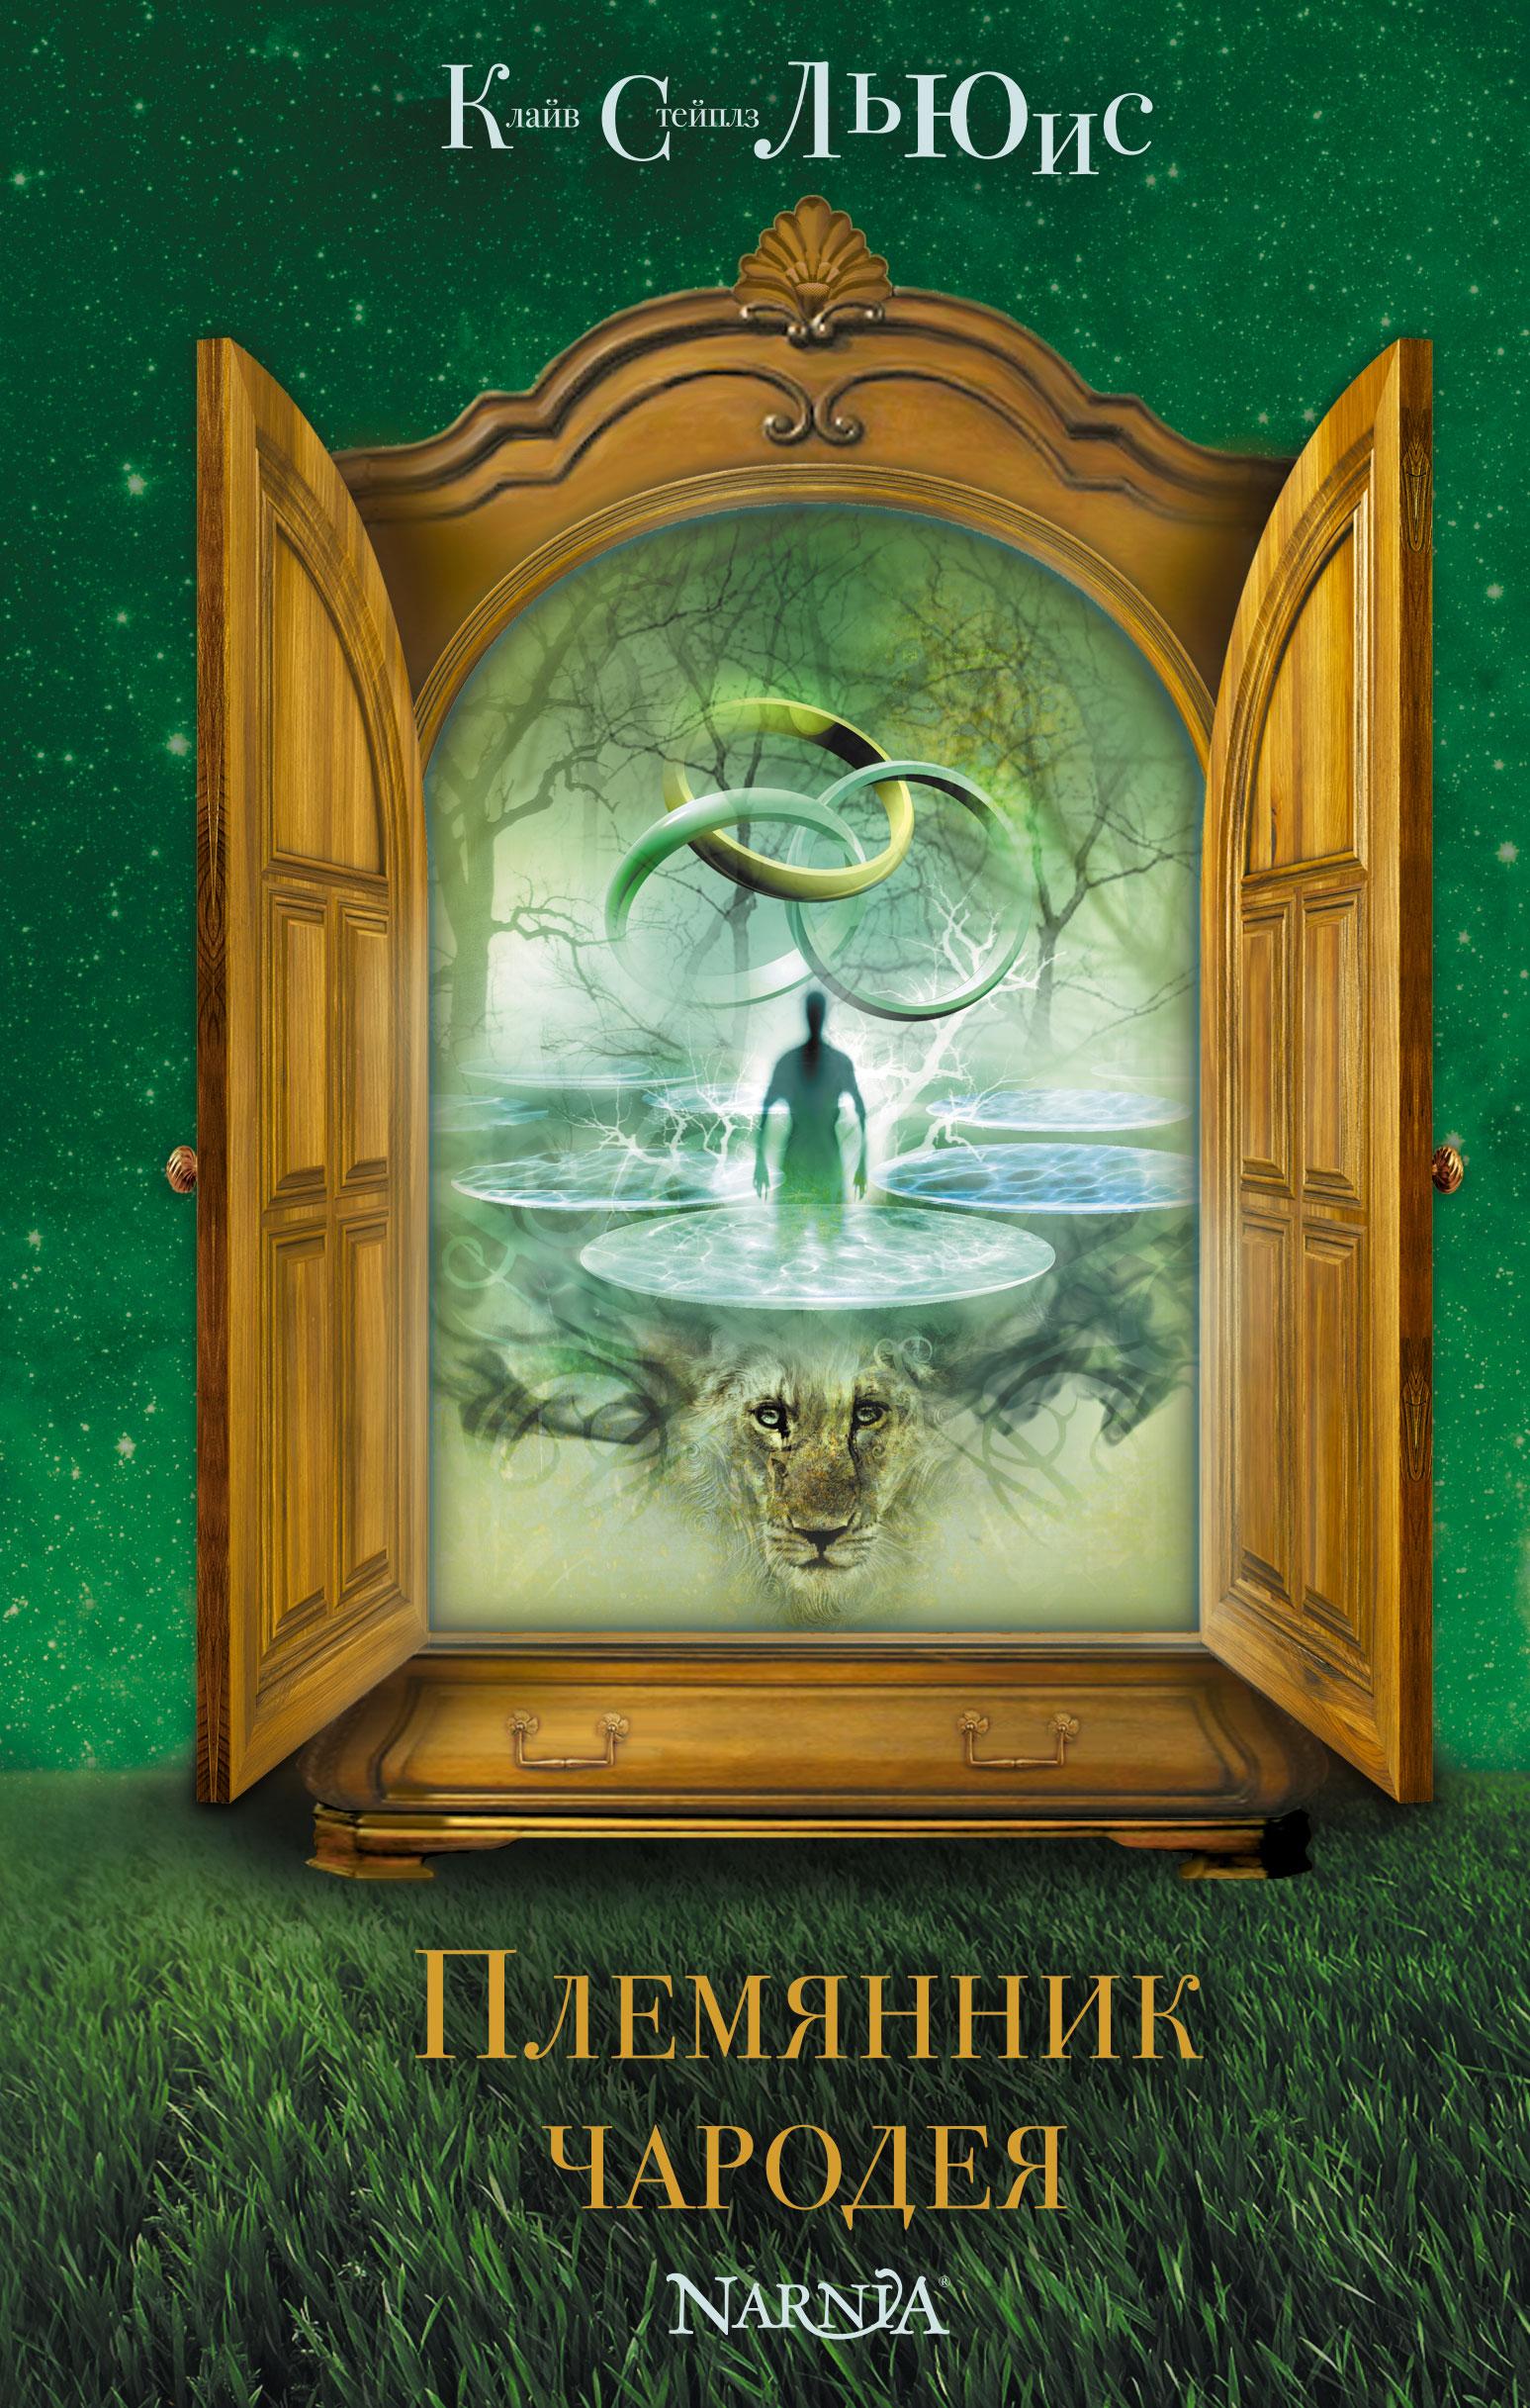 Племянник чародея12296407Древние мифы, старинные предания и волшебные сказки, детские впечатления и взрослые размышления английского писателя Клайва С.Льюиса легли в основу семи повестей эпопеи «Хроники Нарнии» — самой любимой и известной книги во всем мире. Иллюстрации Паулин Бейнс, которая официально признана «художником Нарнии», а также карты волшебной страны.